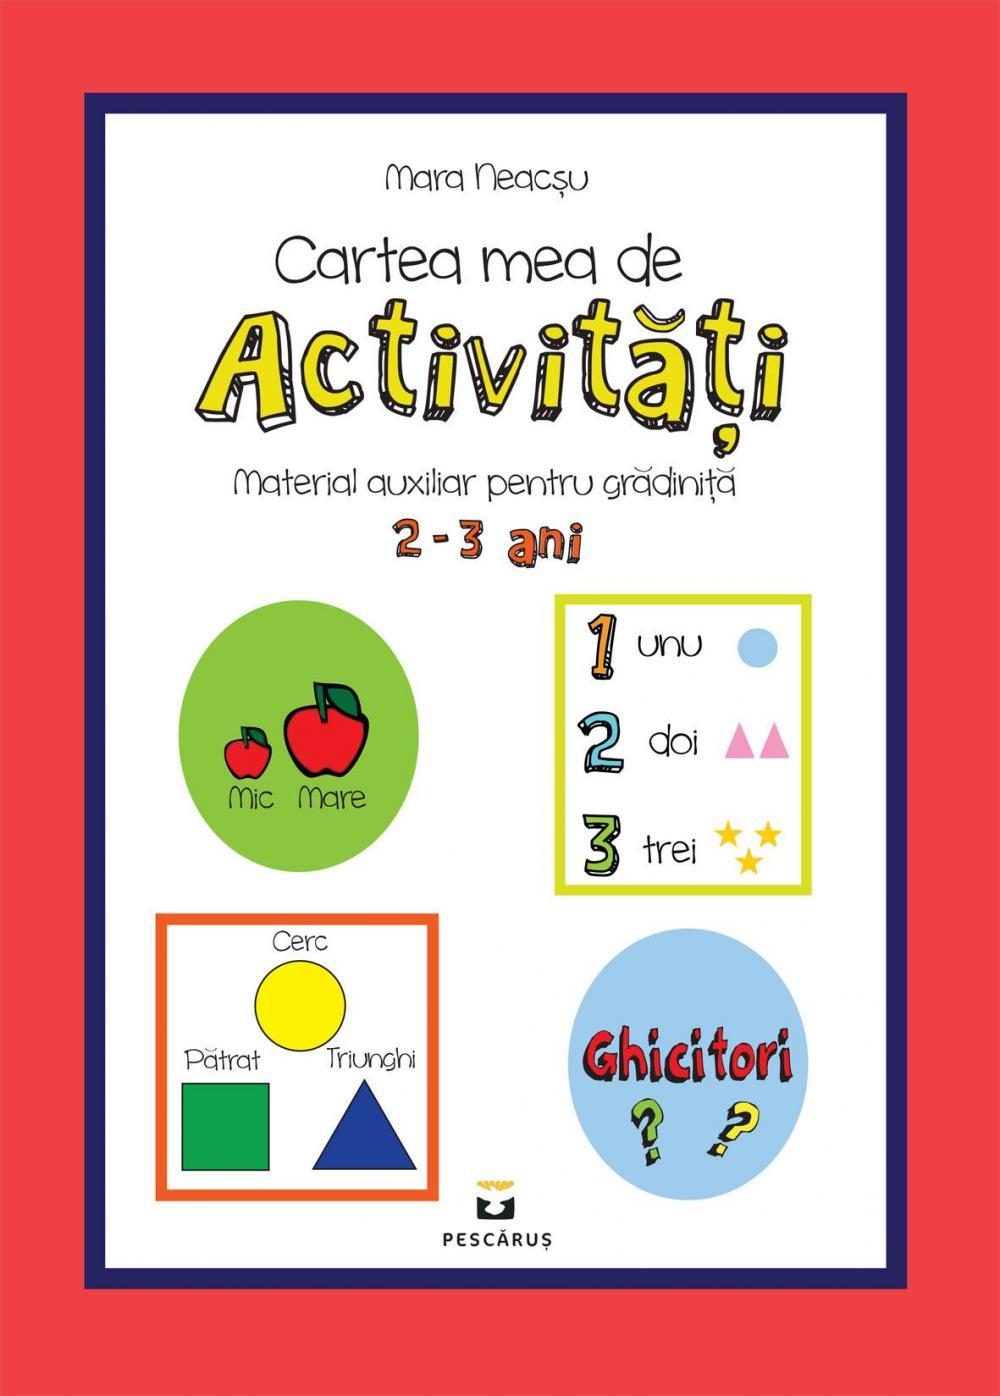 CARTEA MEA DE ACTIVITATI PENTRU 2-3 ANI